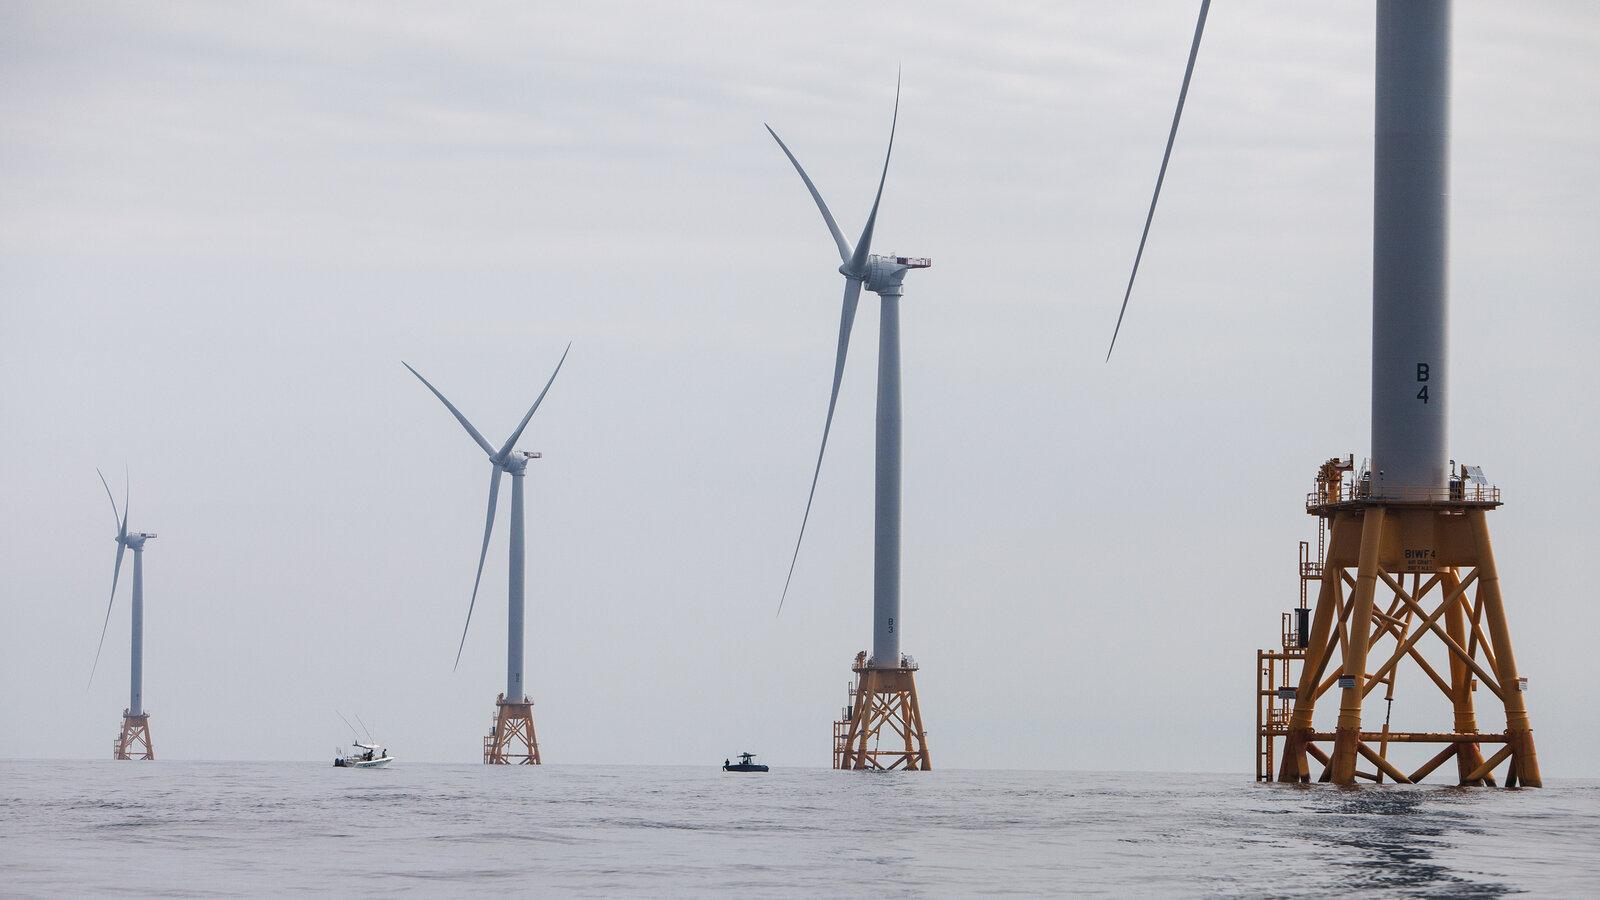 拜登政府计划在海岸建立7座大型风力电场